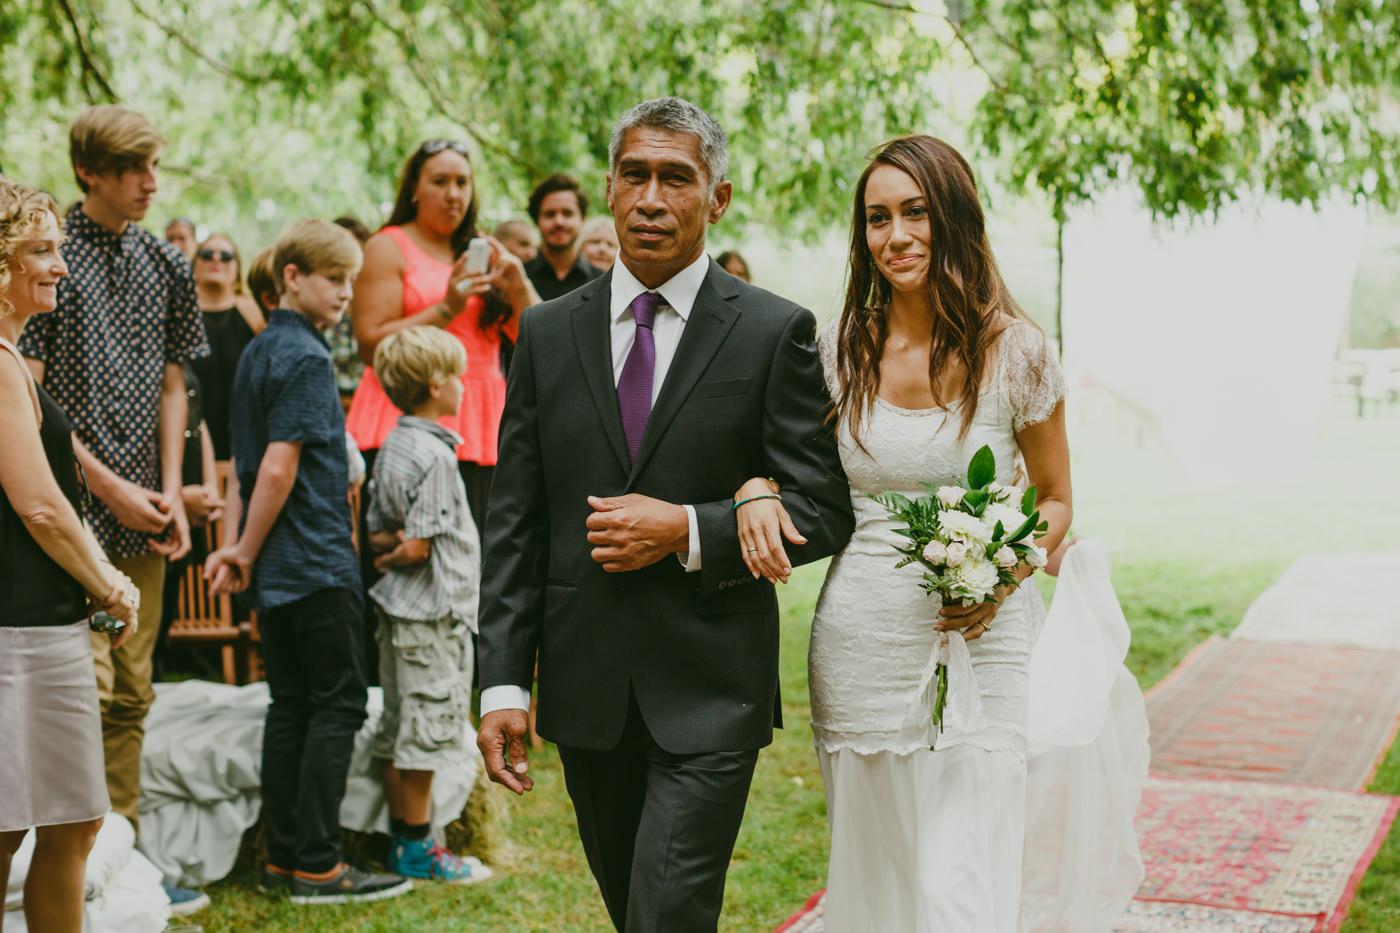 034z_auckland_leigh_wedding_photos.jpg